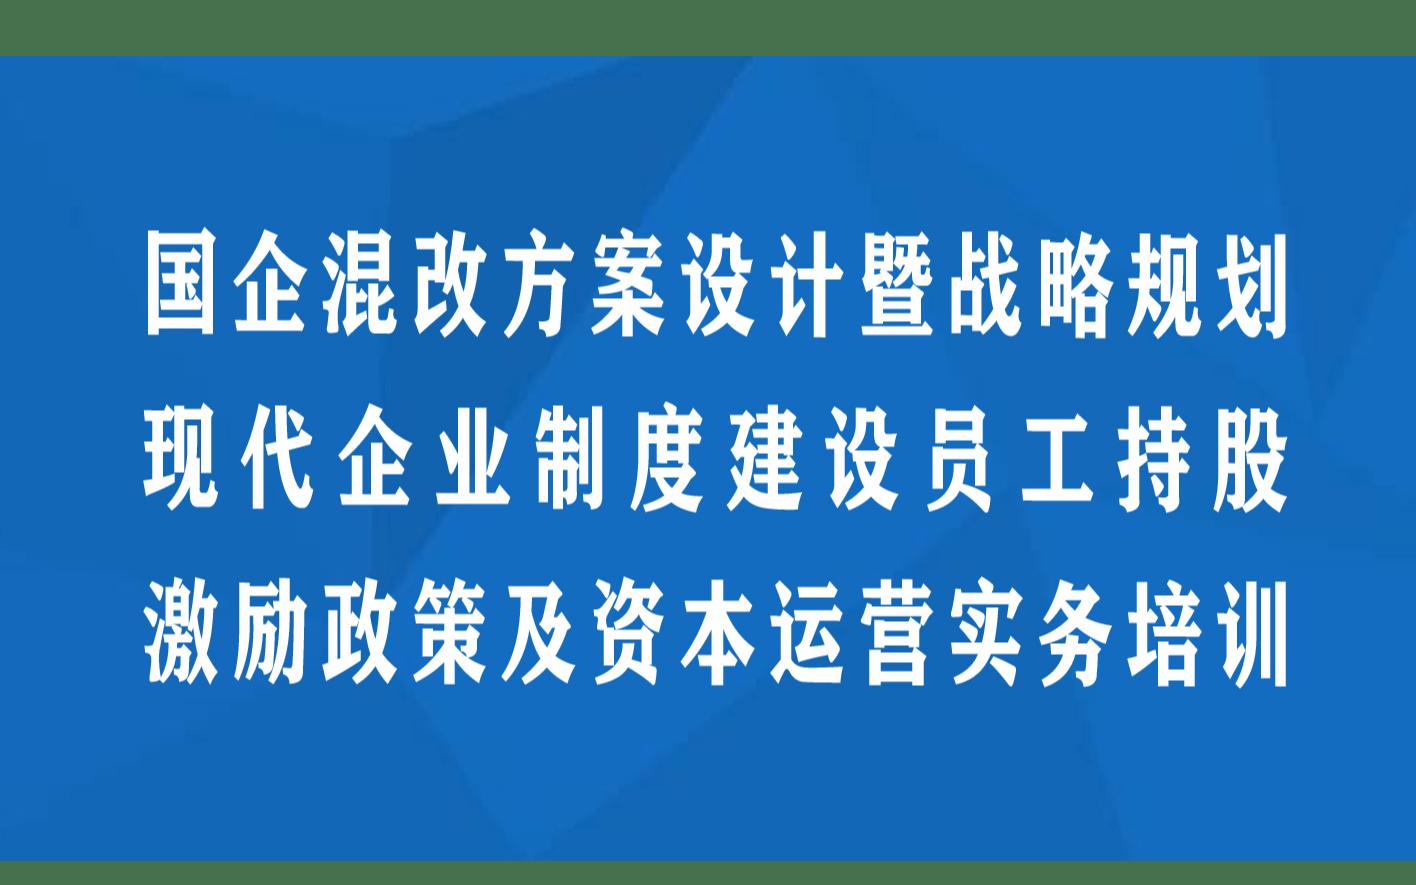 郑州线下课程:国企混改方案设计暨战略规划 现代企业制度 建设 员工持股 激励政策及资本运营实务培训